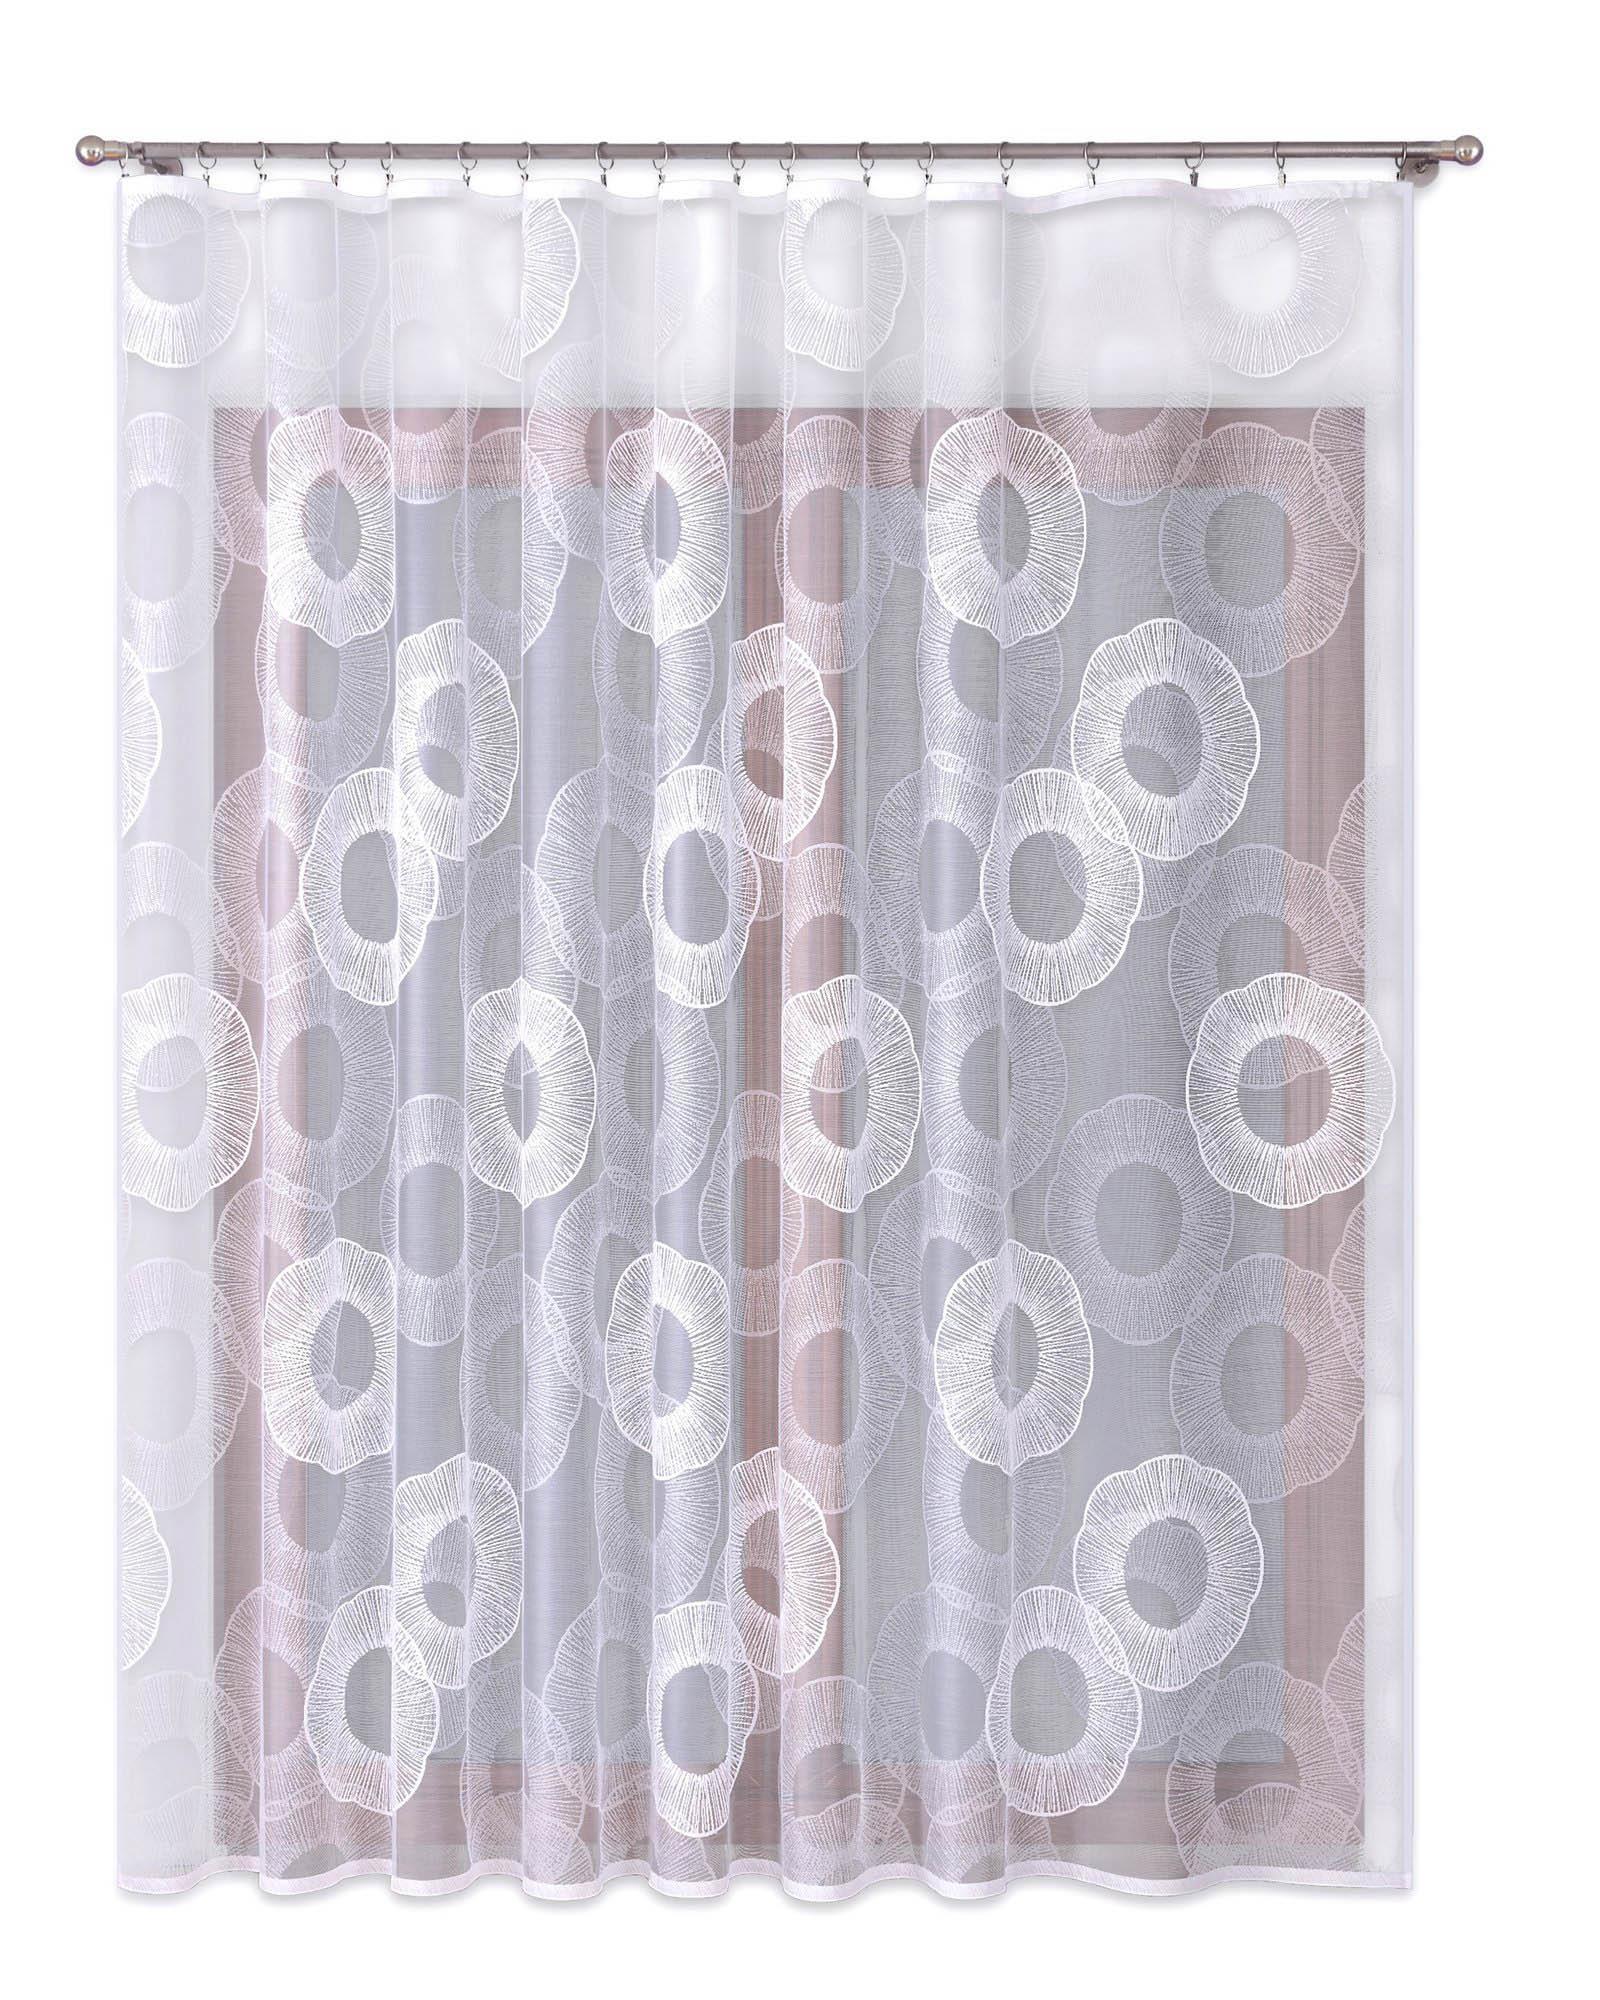 Шторы Primavera Классические шторы Golda Цвет: Белый шторы primavera классические шторы maev цвет белый